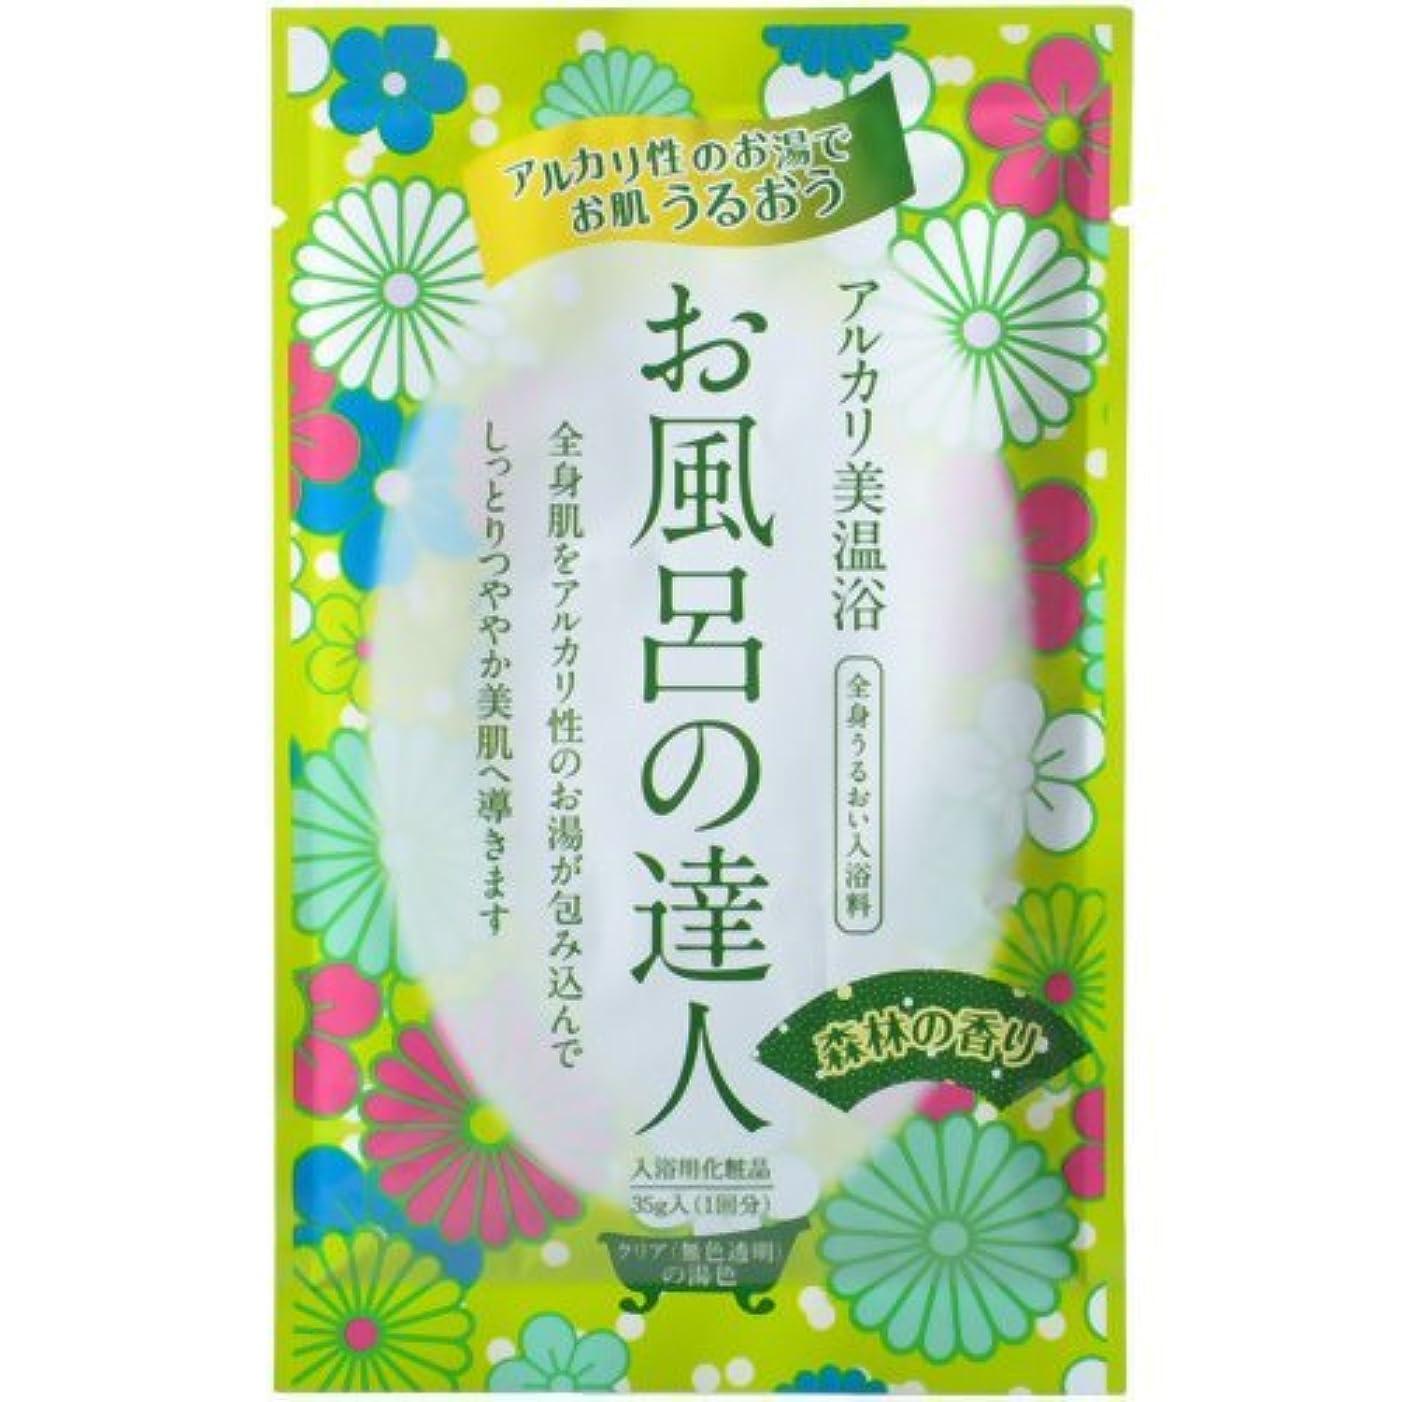 セミナーキロメートル金額五洲薬品(株) お風呂の達人森林の香り 35G 入浴剤